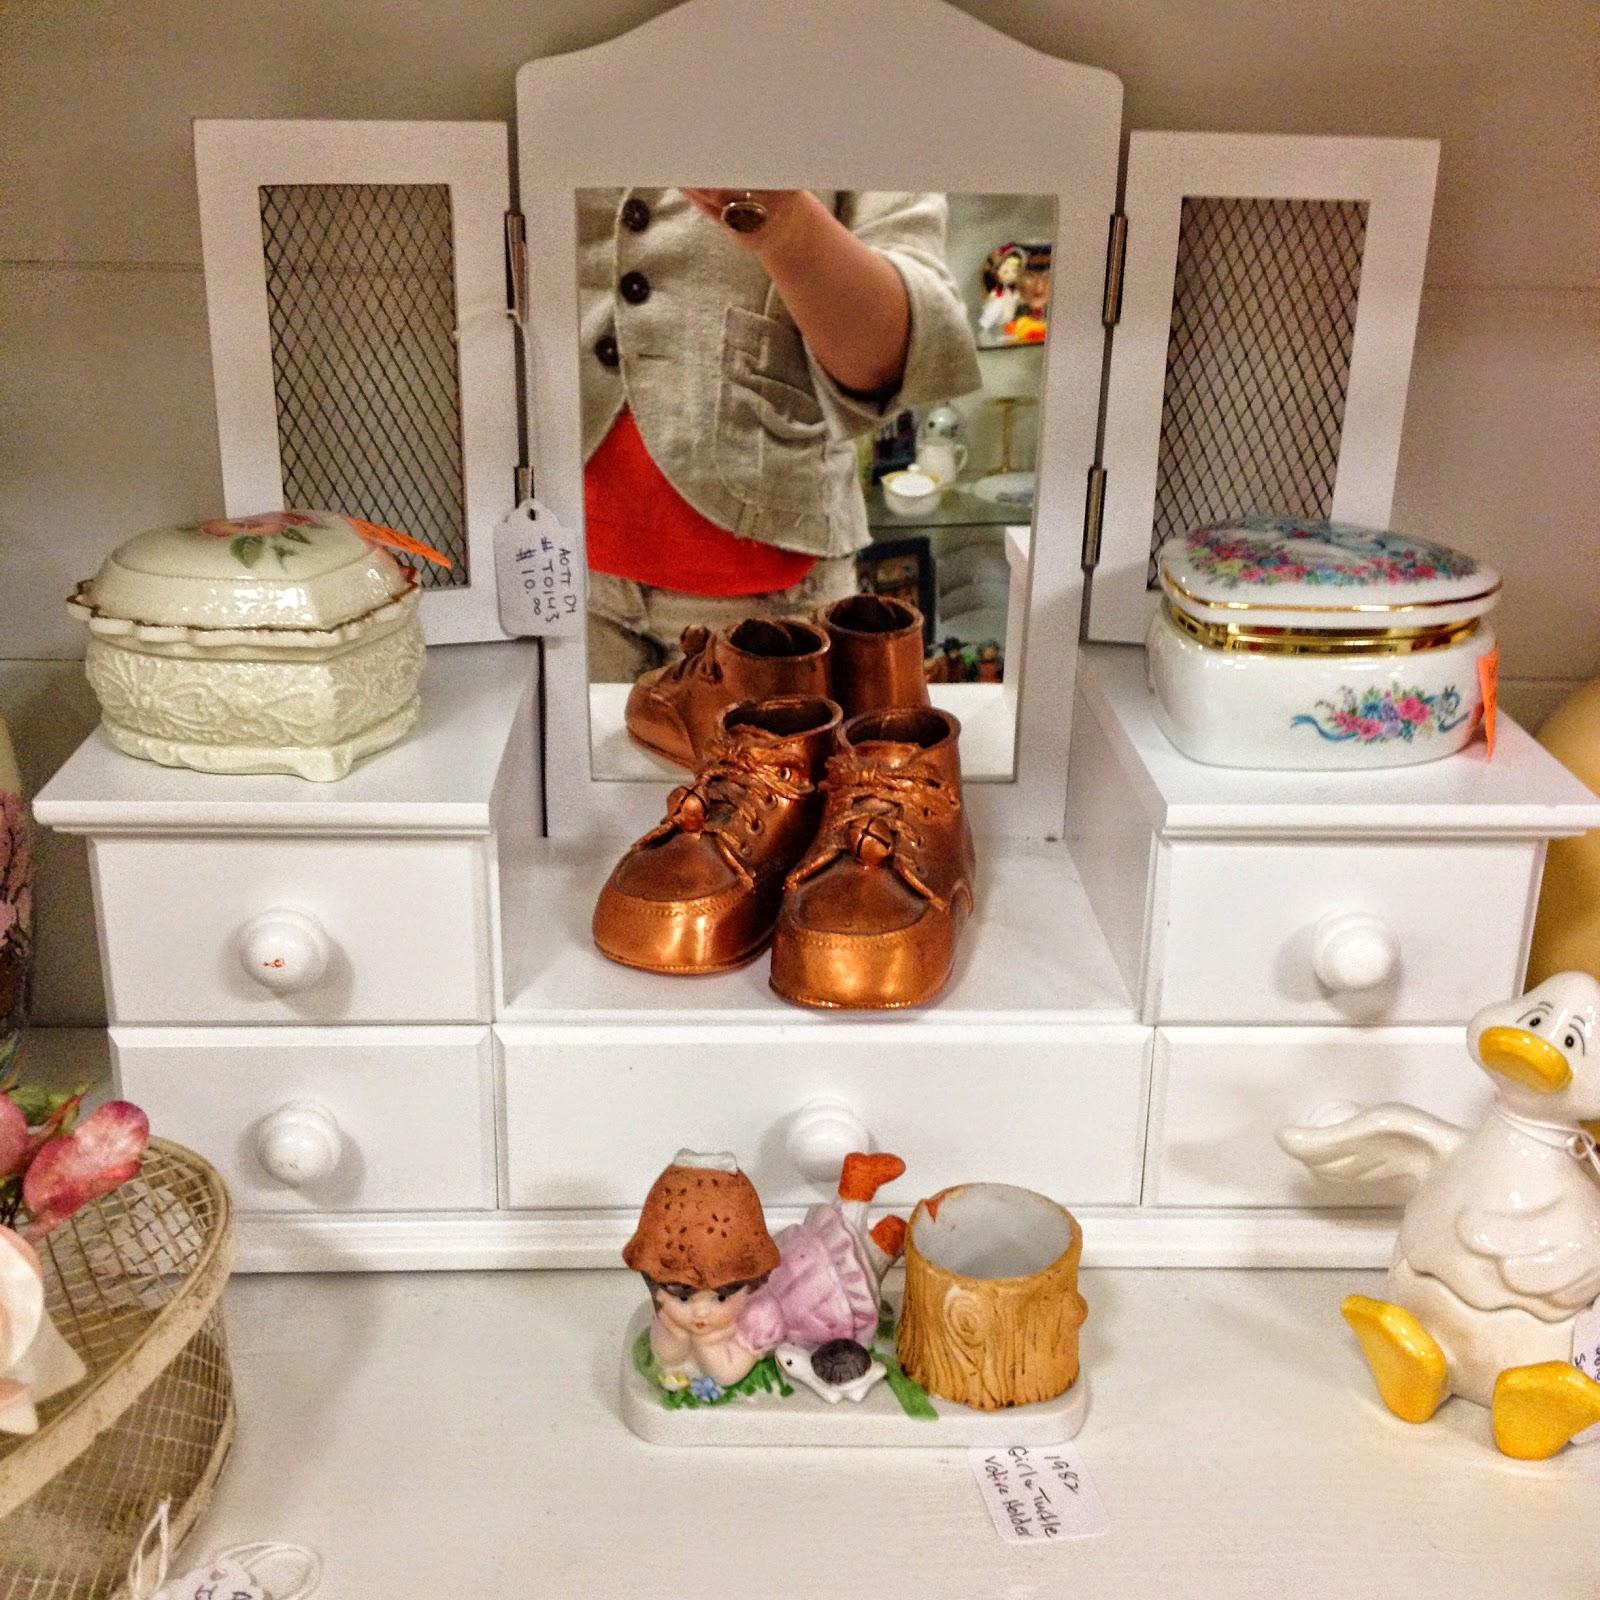 Сегодня я продолжу показ антикварной лавки в Колорадо Спрингс.    Рассматривая антиквариат в магазине, я с сожалением вспоминала, мебель и старинные вещи, выброшенные на свалку: мебель, посуда, прялка... да много всего, сердцу милого. Я часто останавливалась перед интерьером со словами: как у моей бабушки. Конечно, хотелось сразу купить